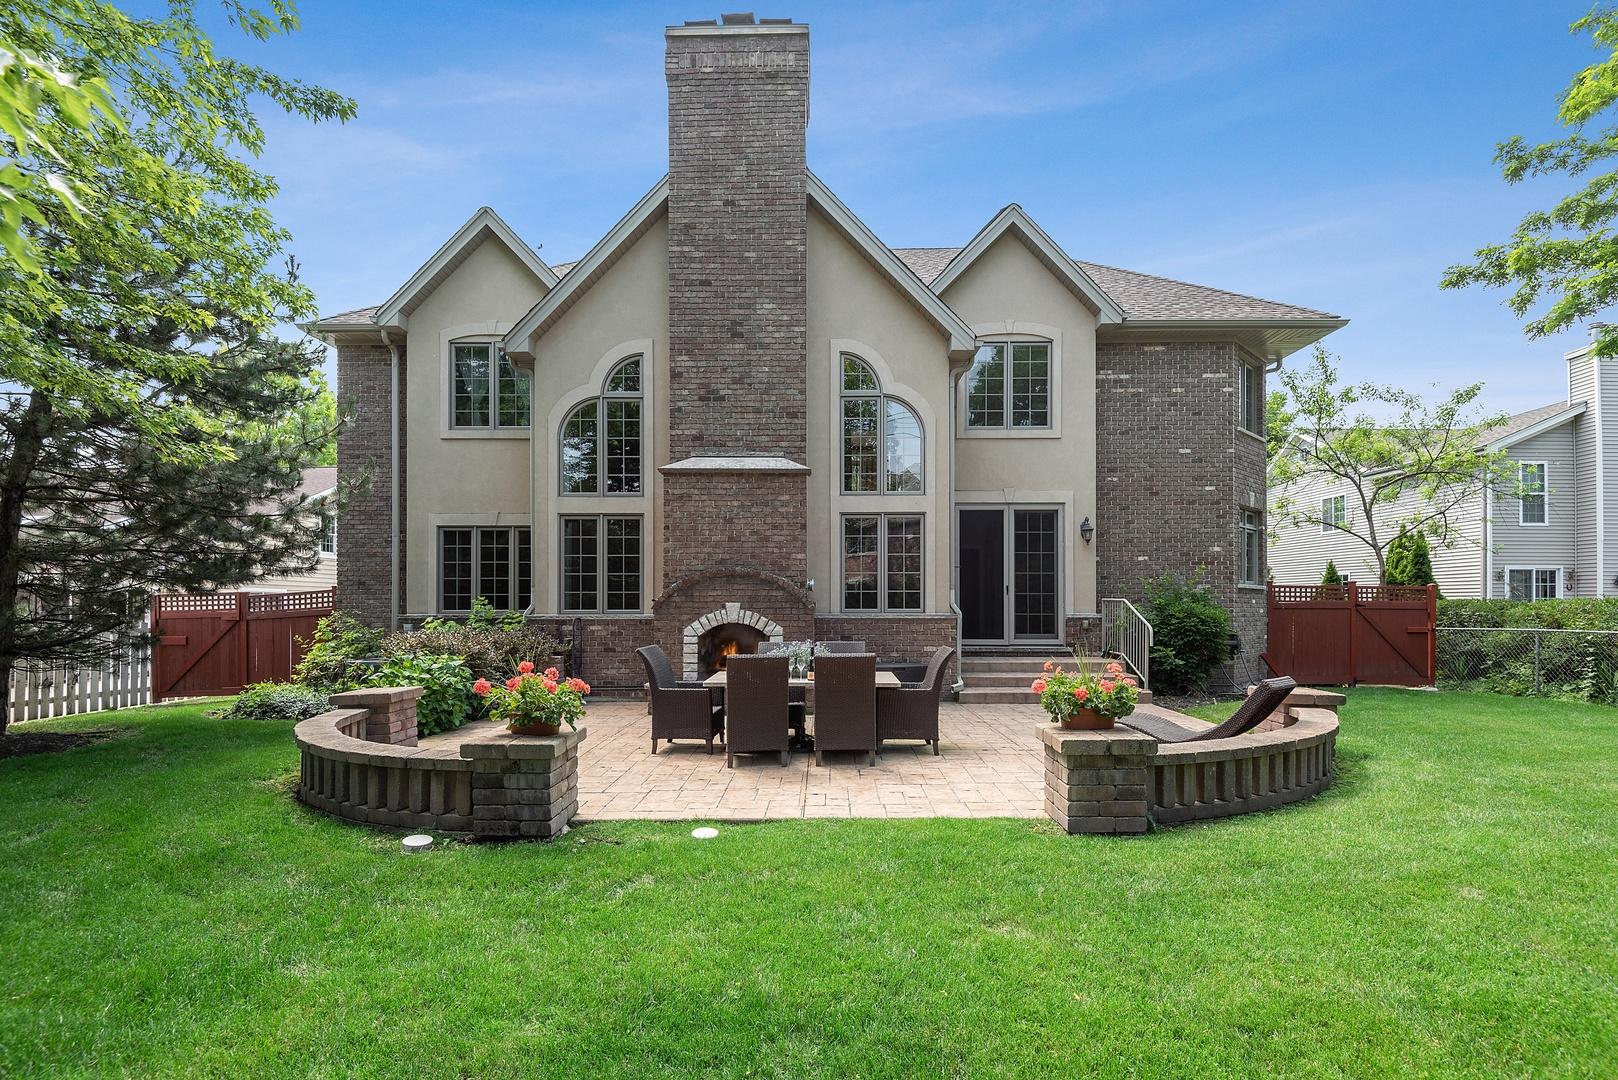 609 Glenshire, Glenview, Illinois, 60025